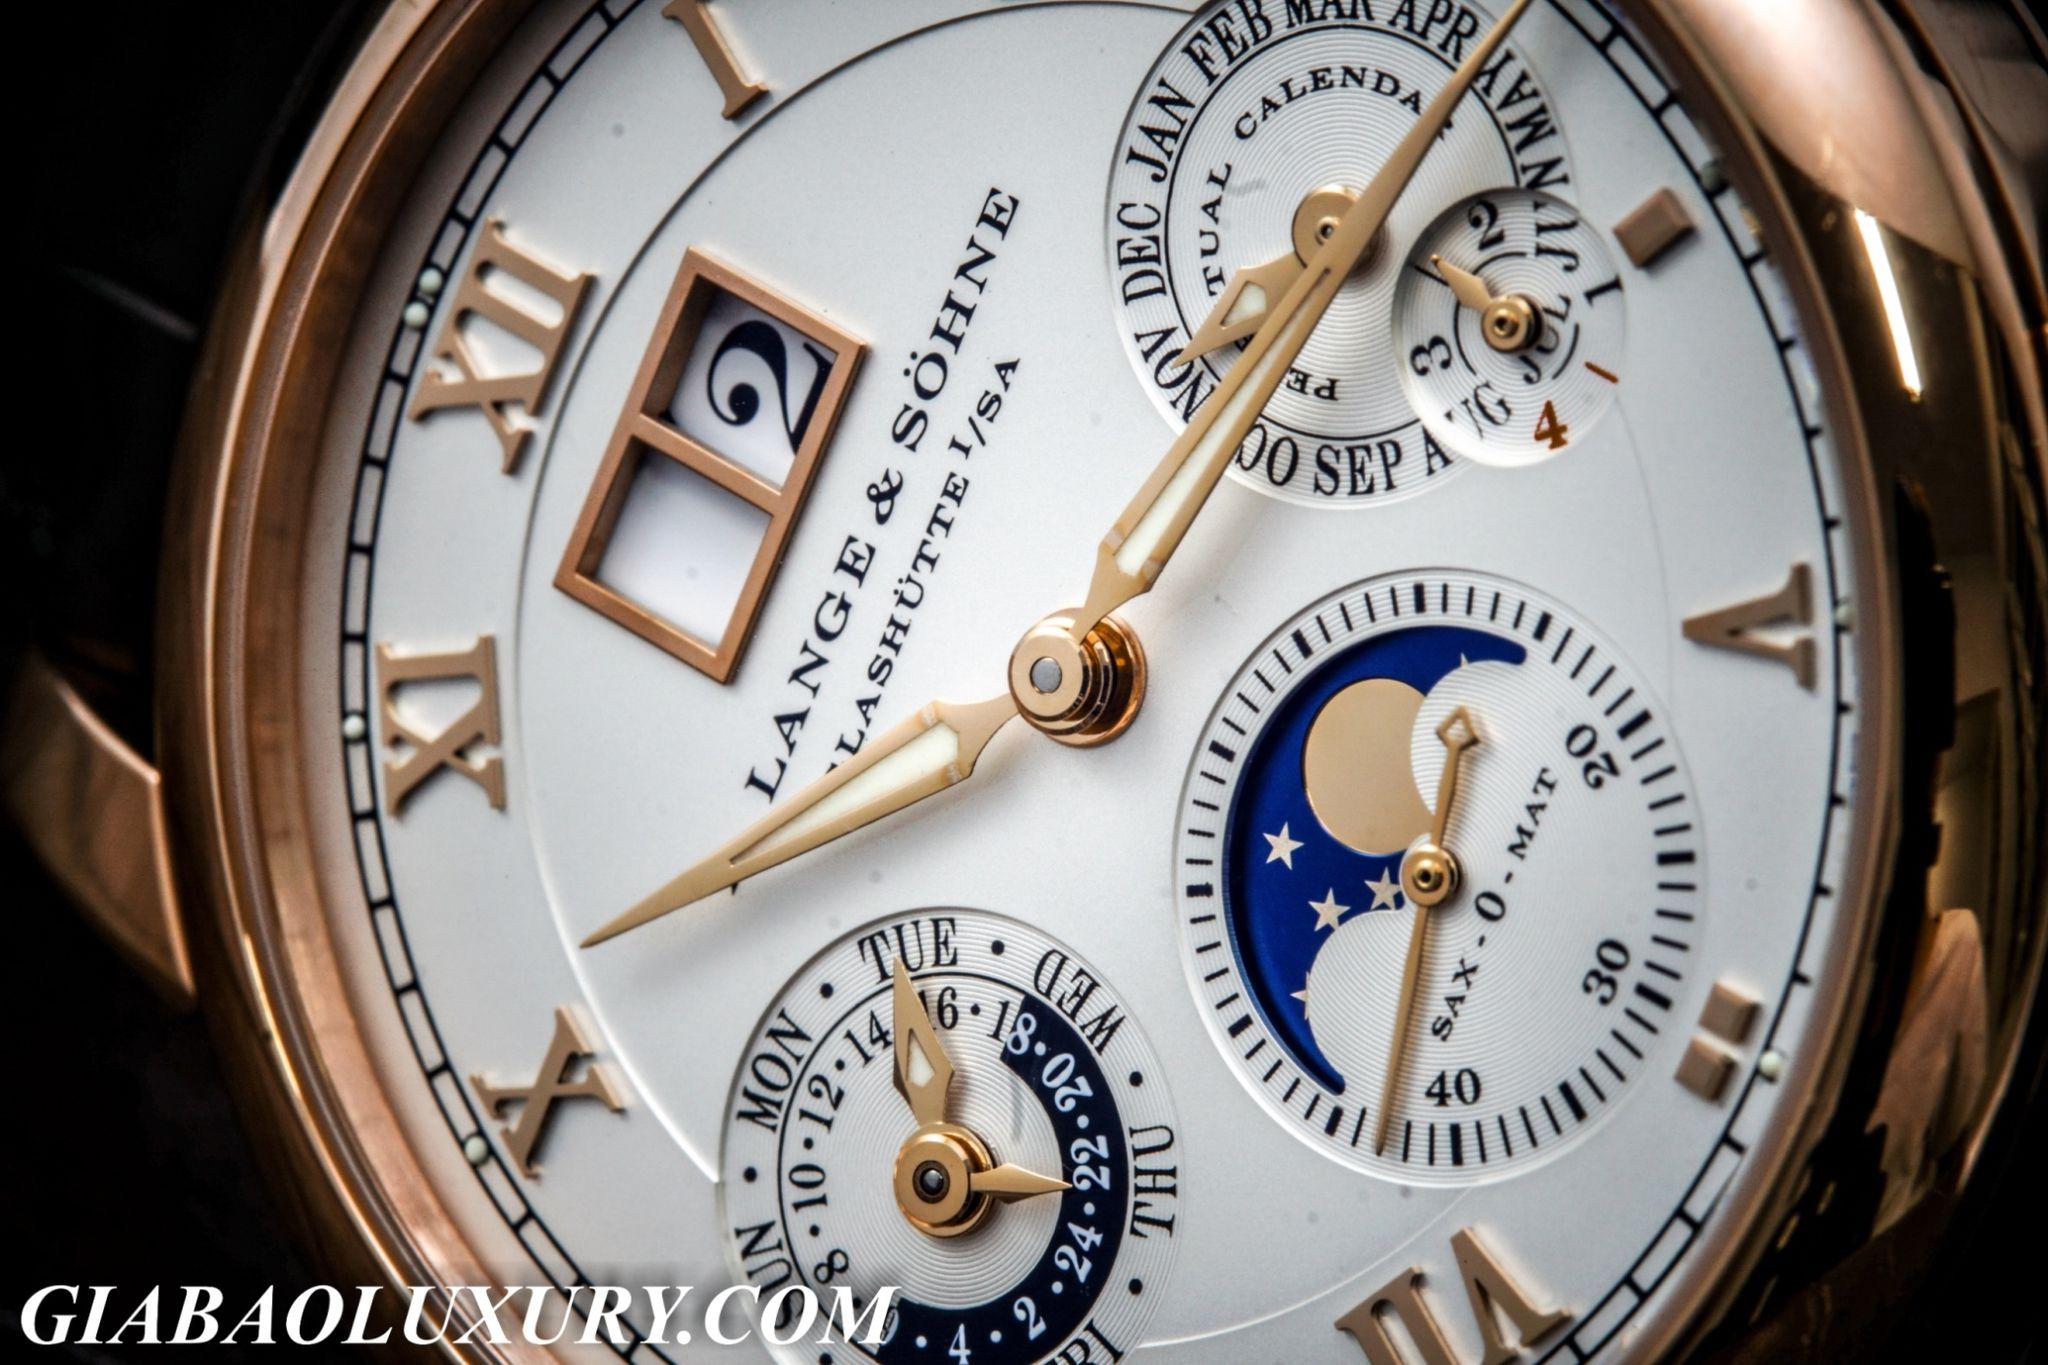 Thu mua đồng hồ A. Lange & Sohne chính hãng